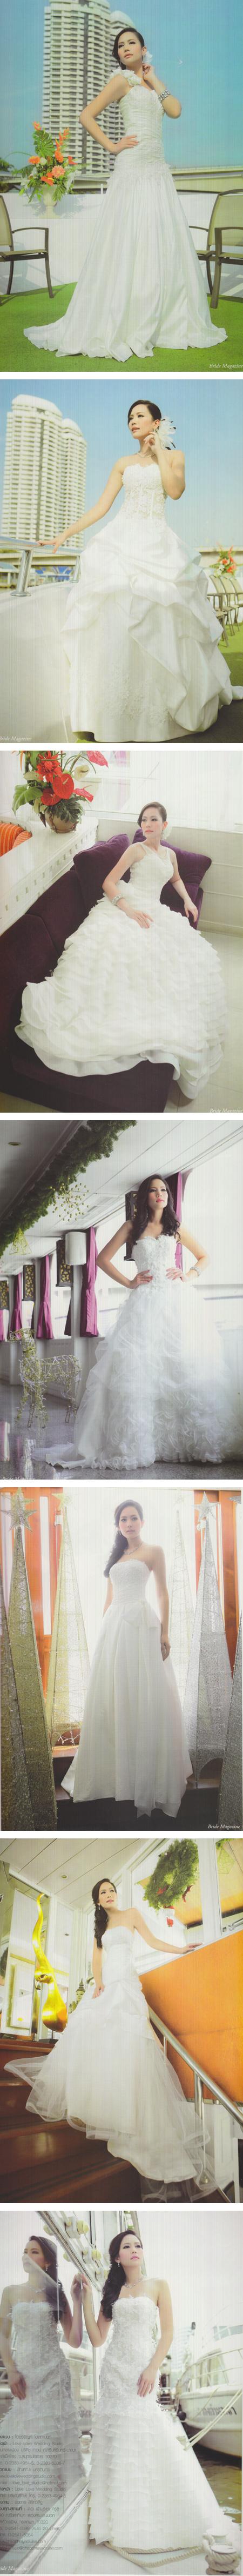 ตามไปดูชุดแต่งงานสวยๆ จากห้องเสื้อชั้นนำ